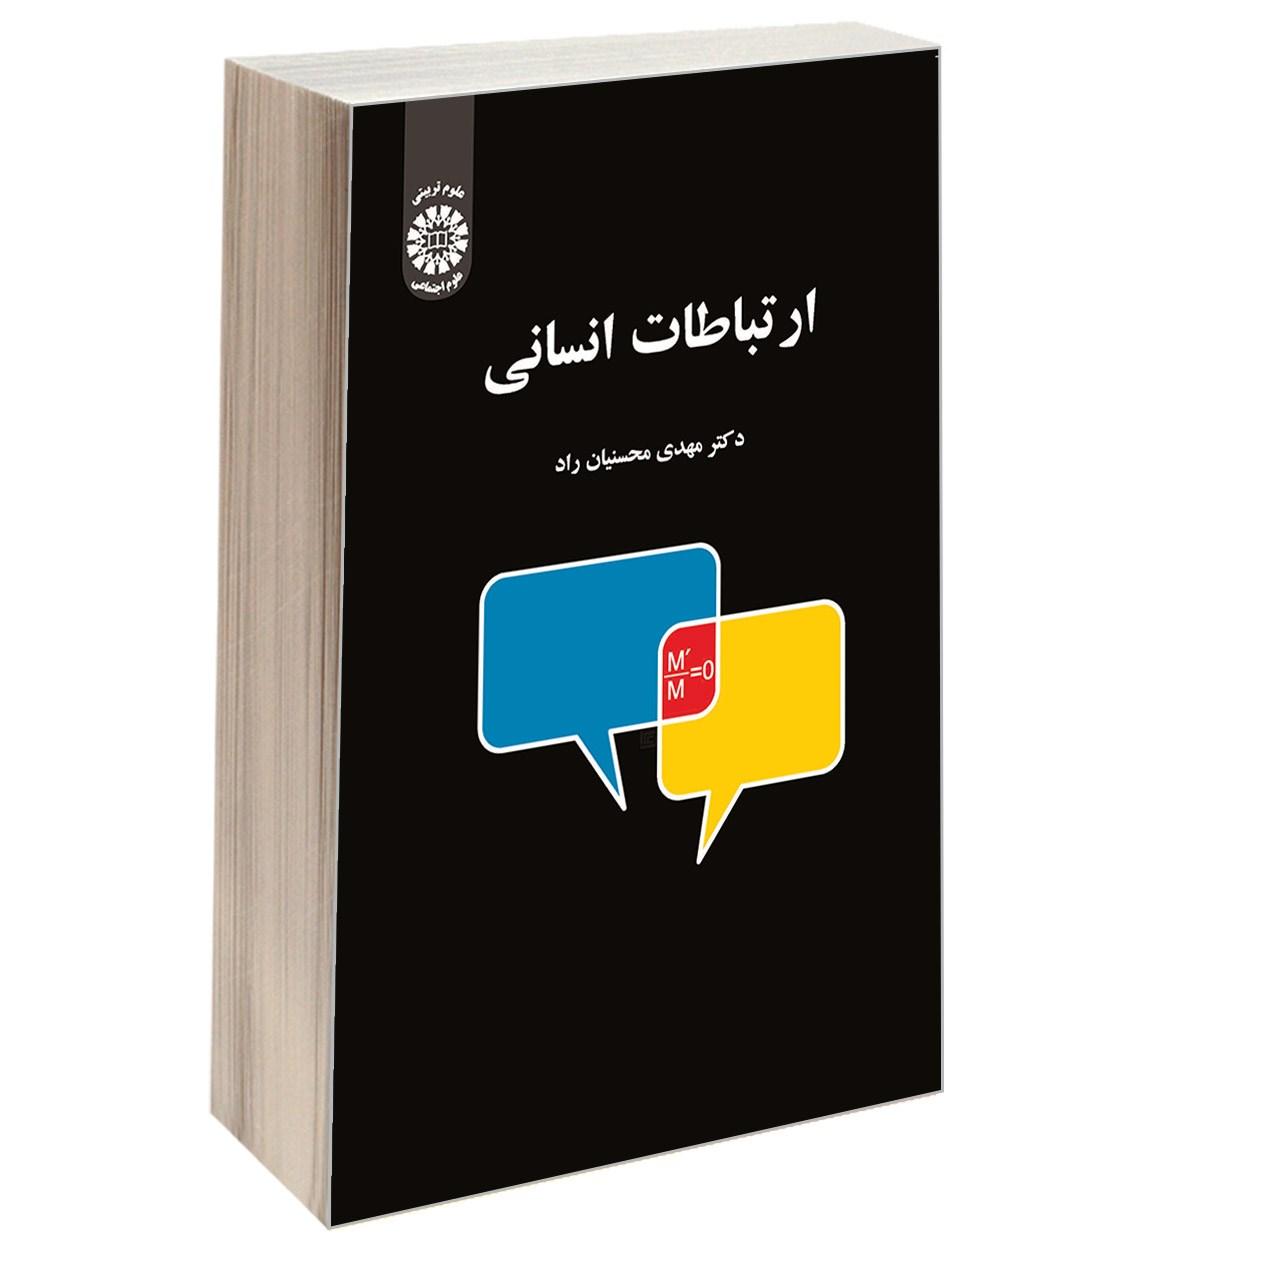 کتاب ارتباطات انسانی اثر دکتر مهدی محسنیان راد نشر سمت